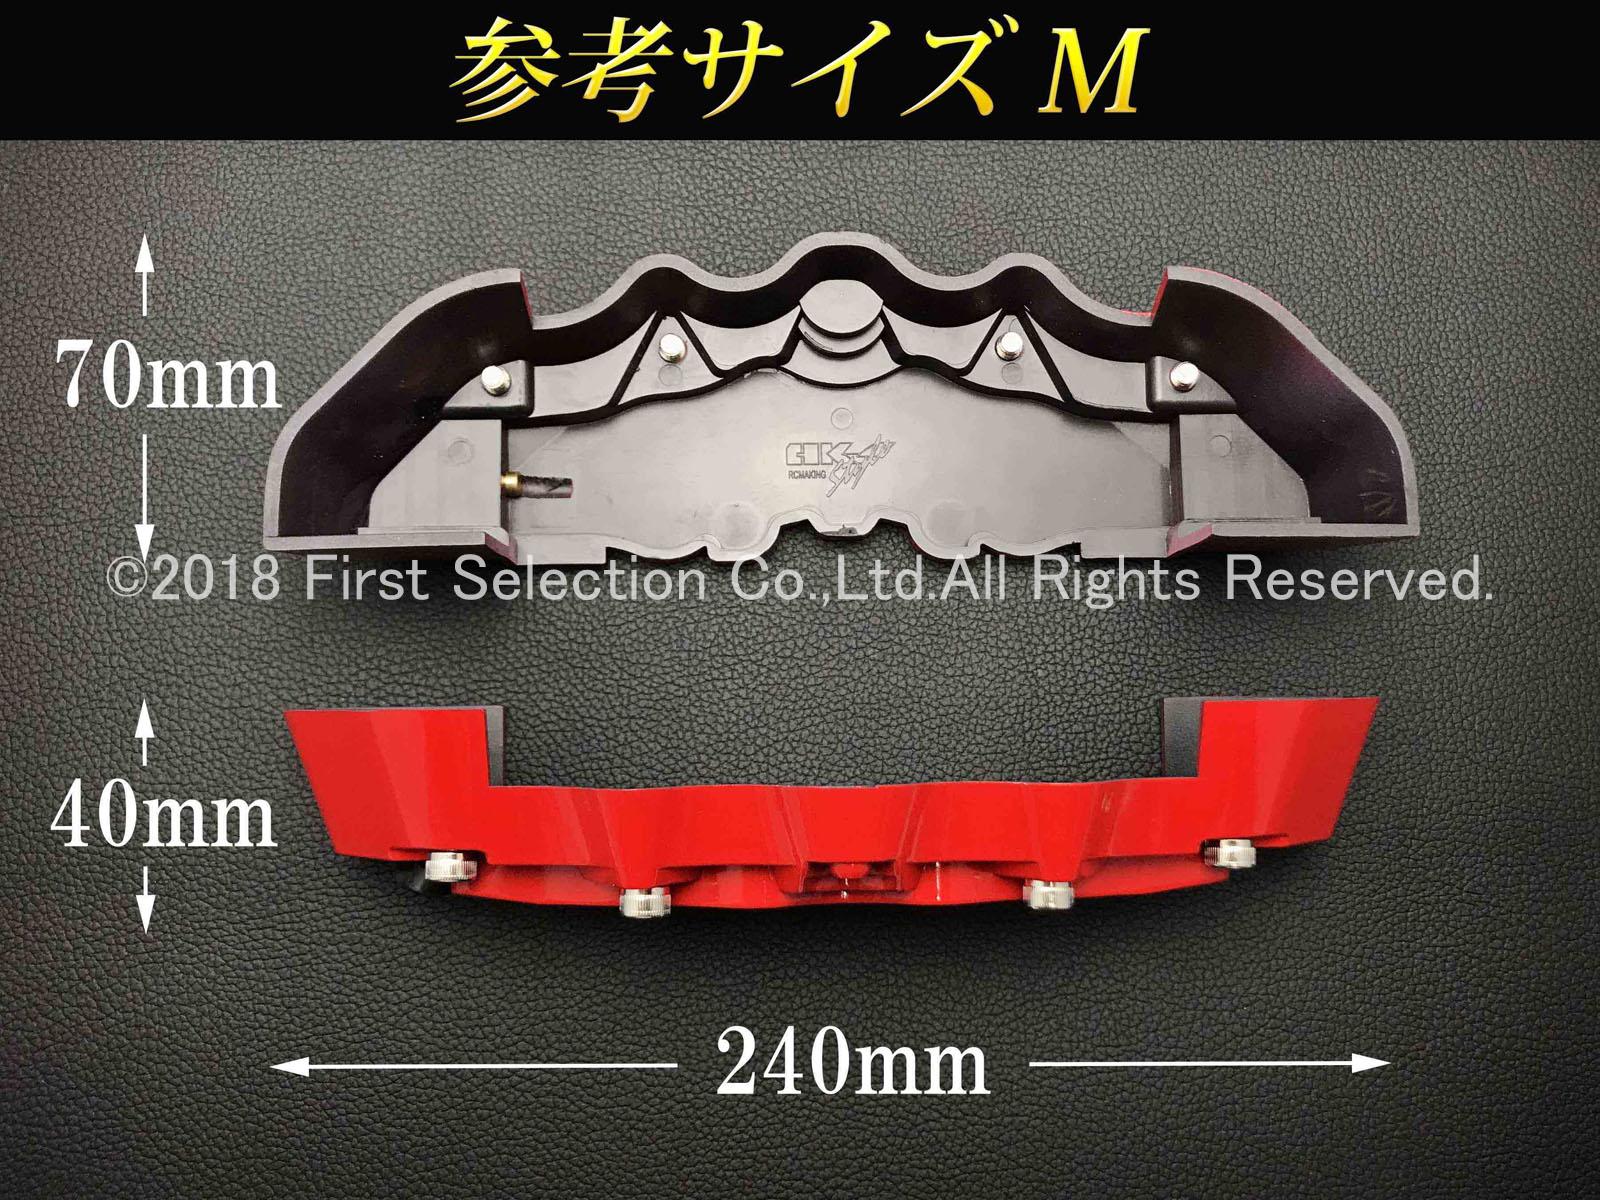 アウディ車 Audi Sportロゴ銀文字 汎用高品質キャリパーカバー赤 L/Mサイズセット